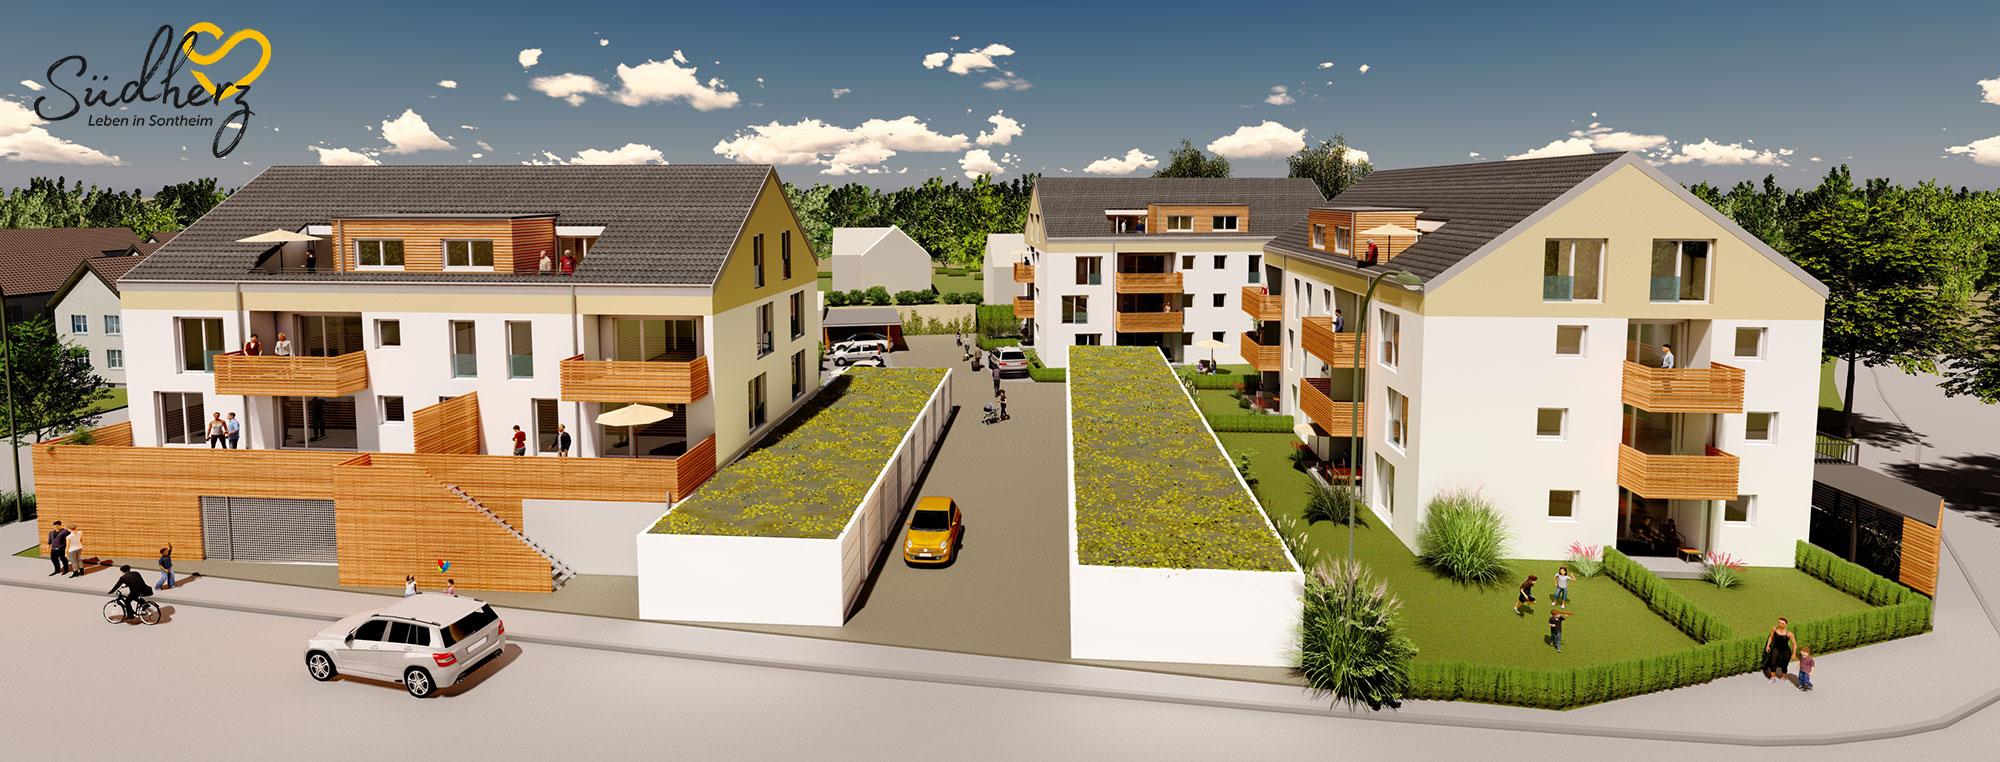 Neubau von drei Mehrfamilienhäusern mit Eigentumswohnungen in Sontheim - Bauprojekt Südherz Leben in Sontheim